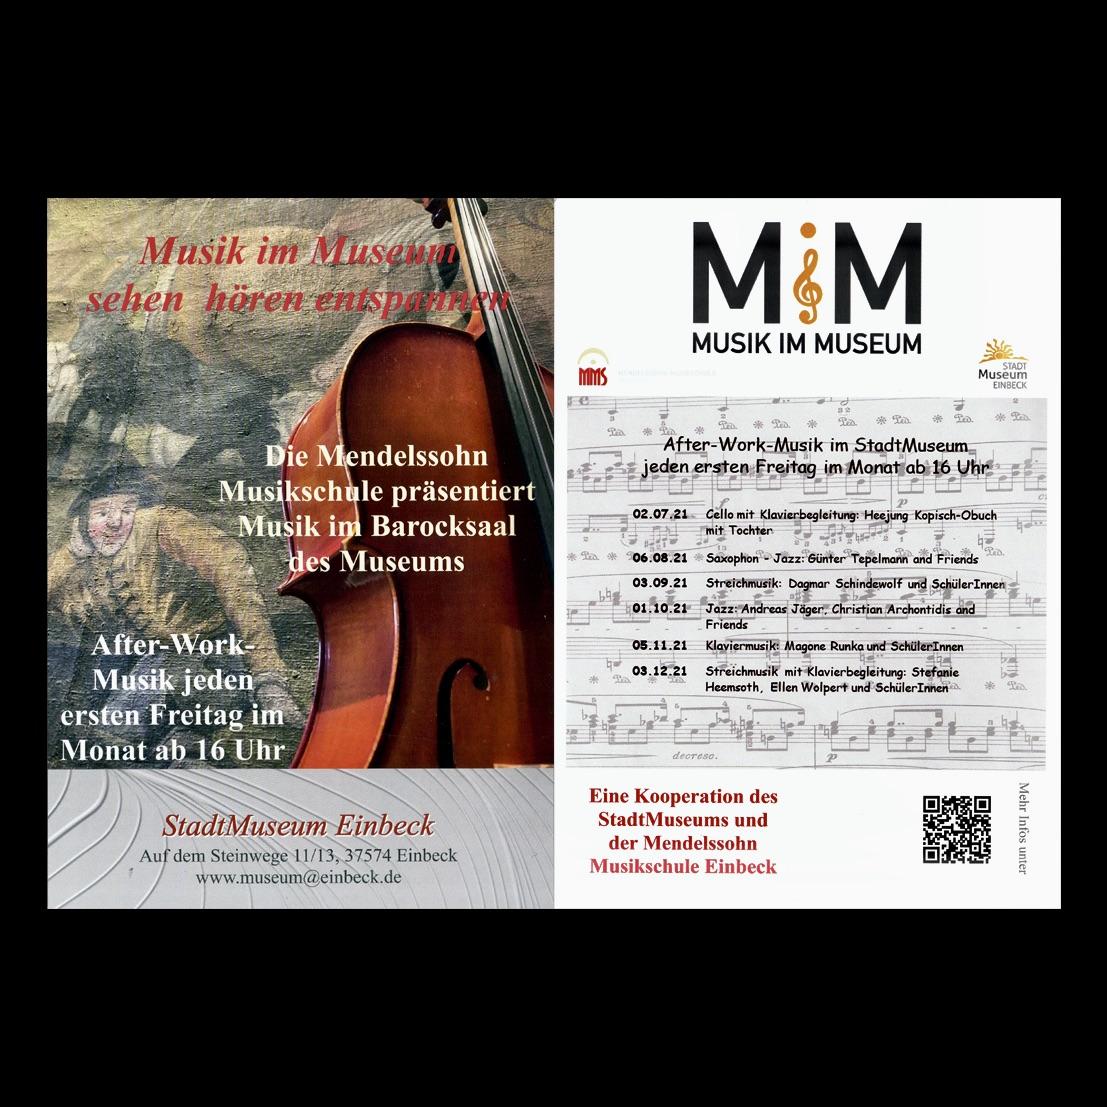 Musik im Museum - ab dem 2. Juli an jedem ersten Freitag im Monat